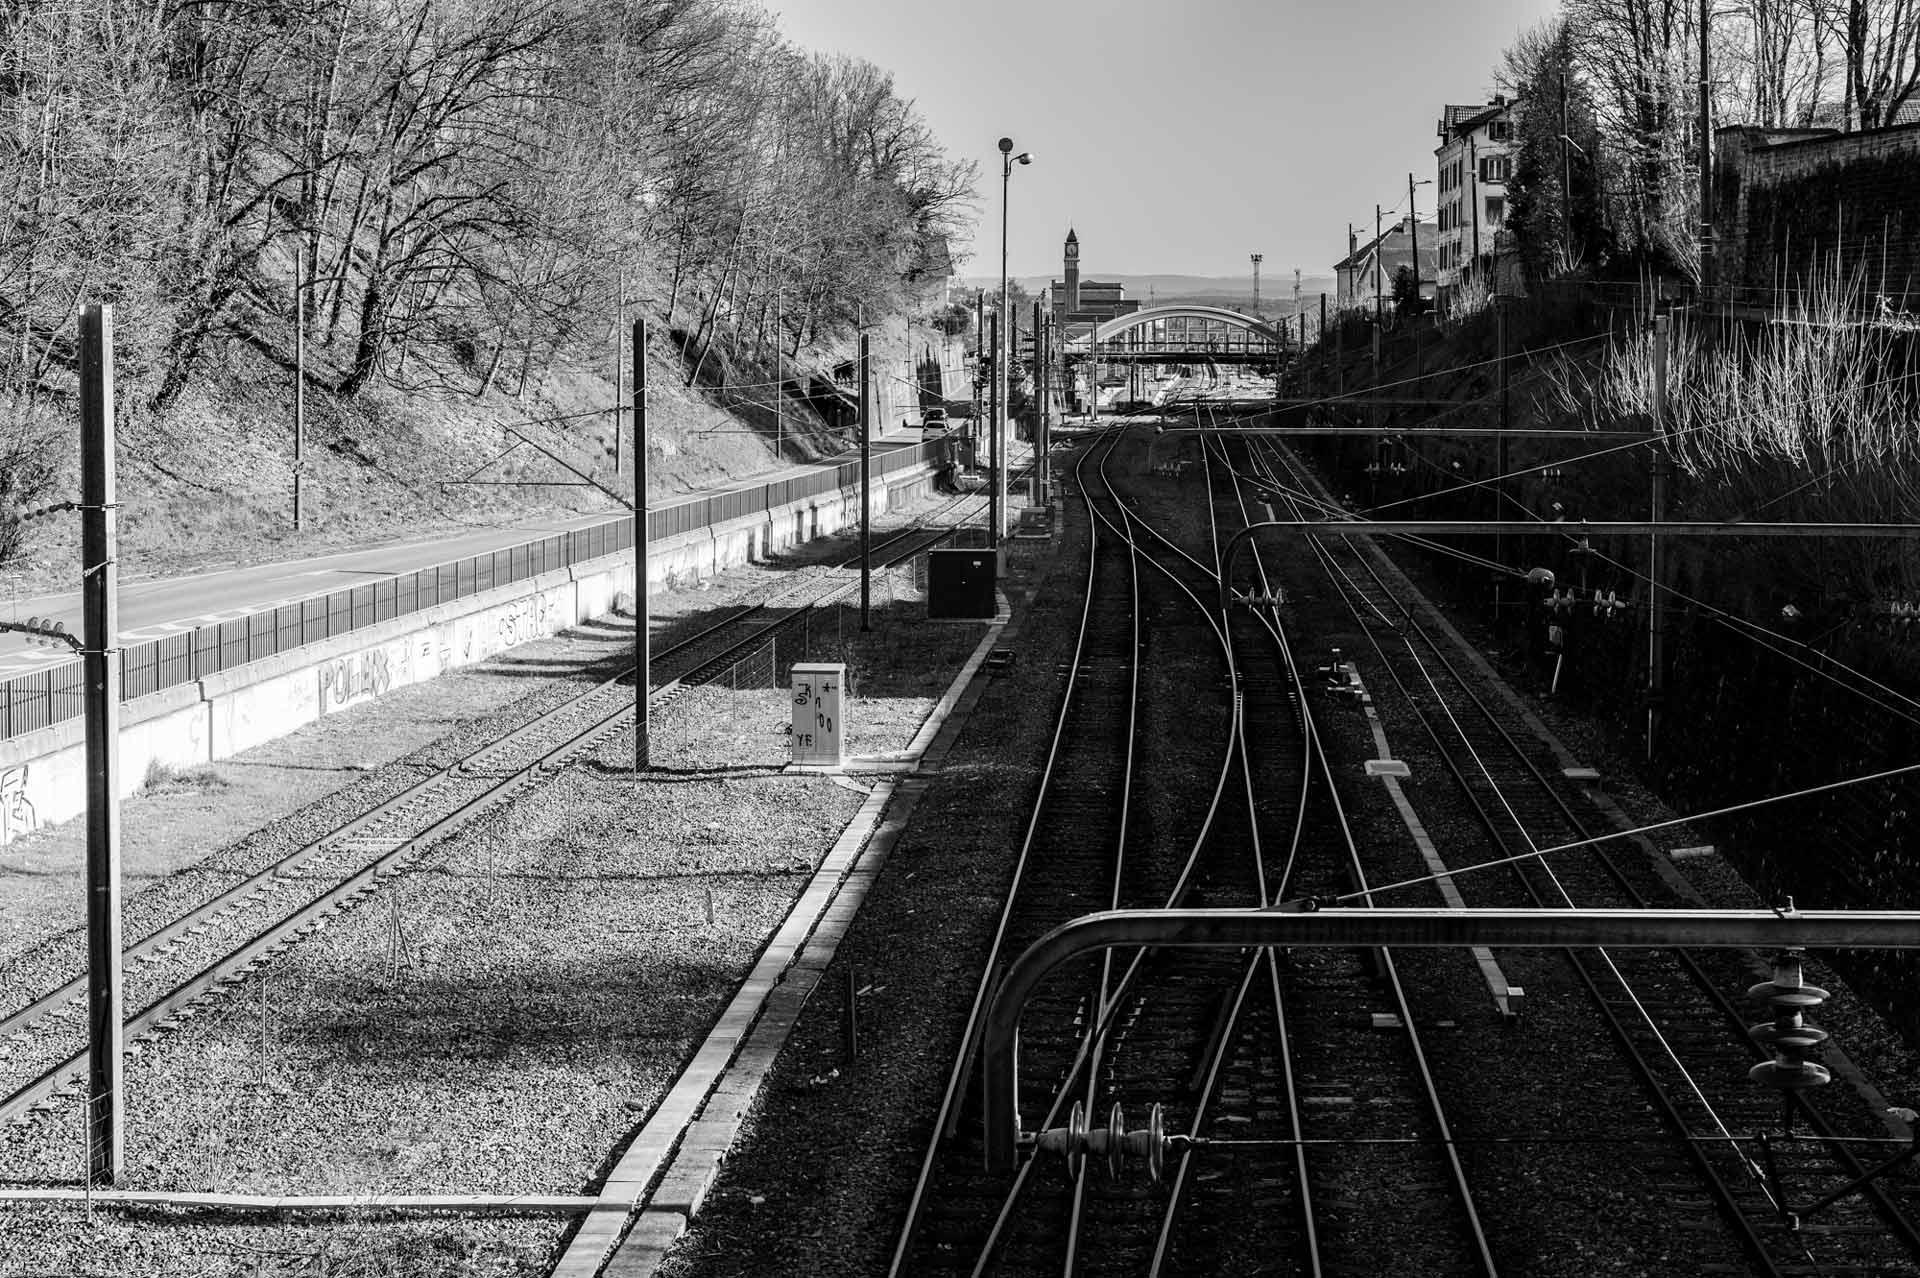 Gare SNCF Belfort